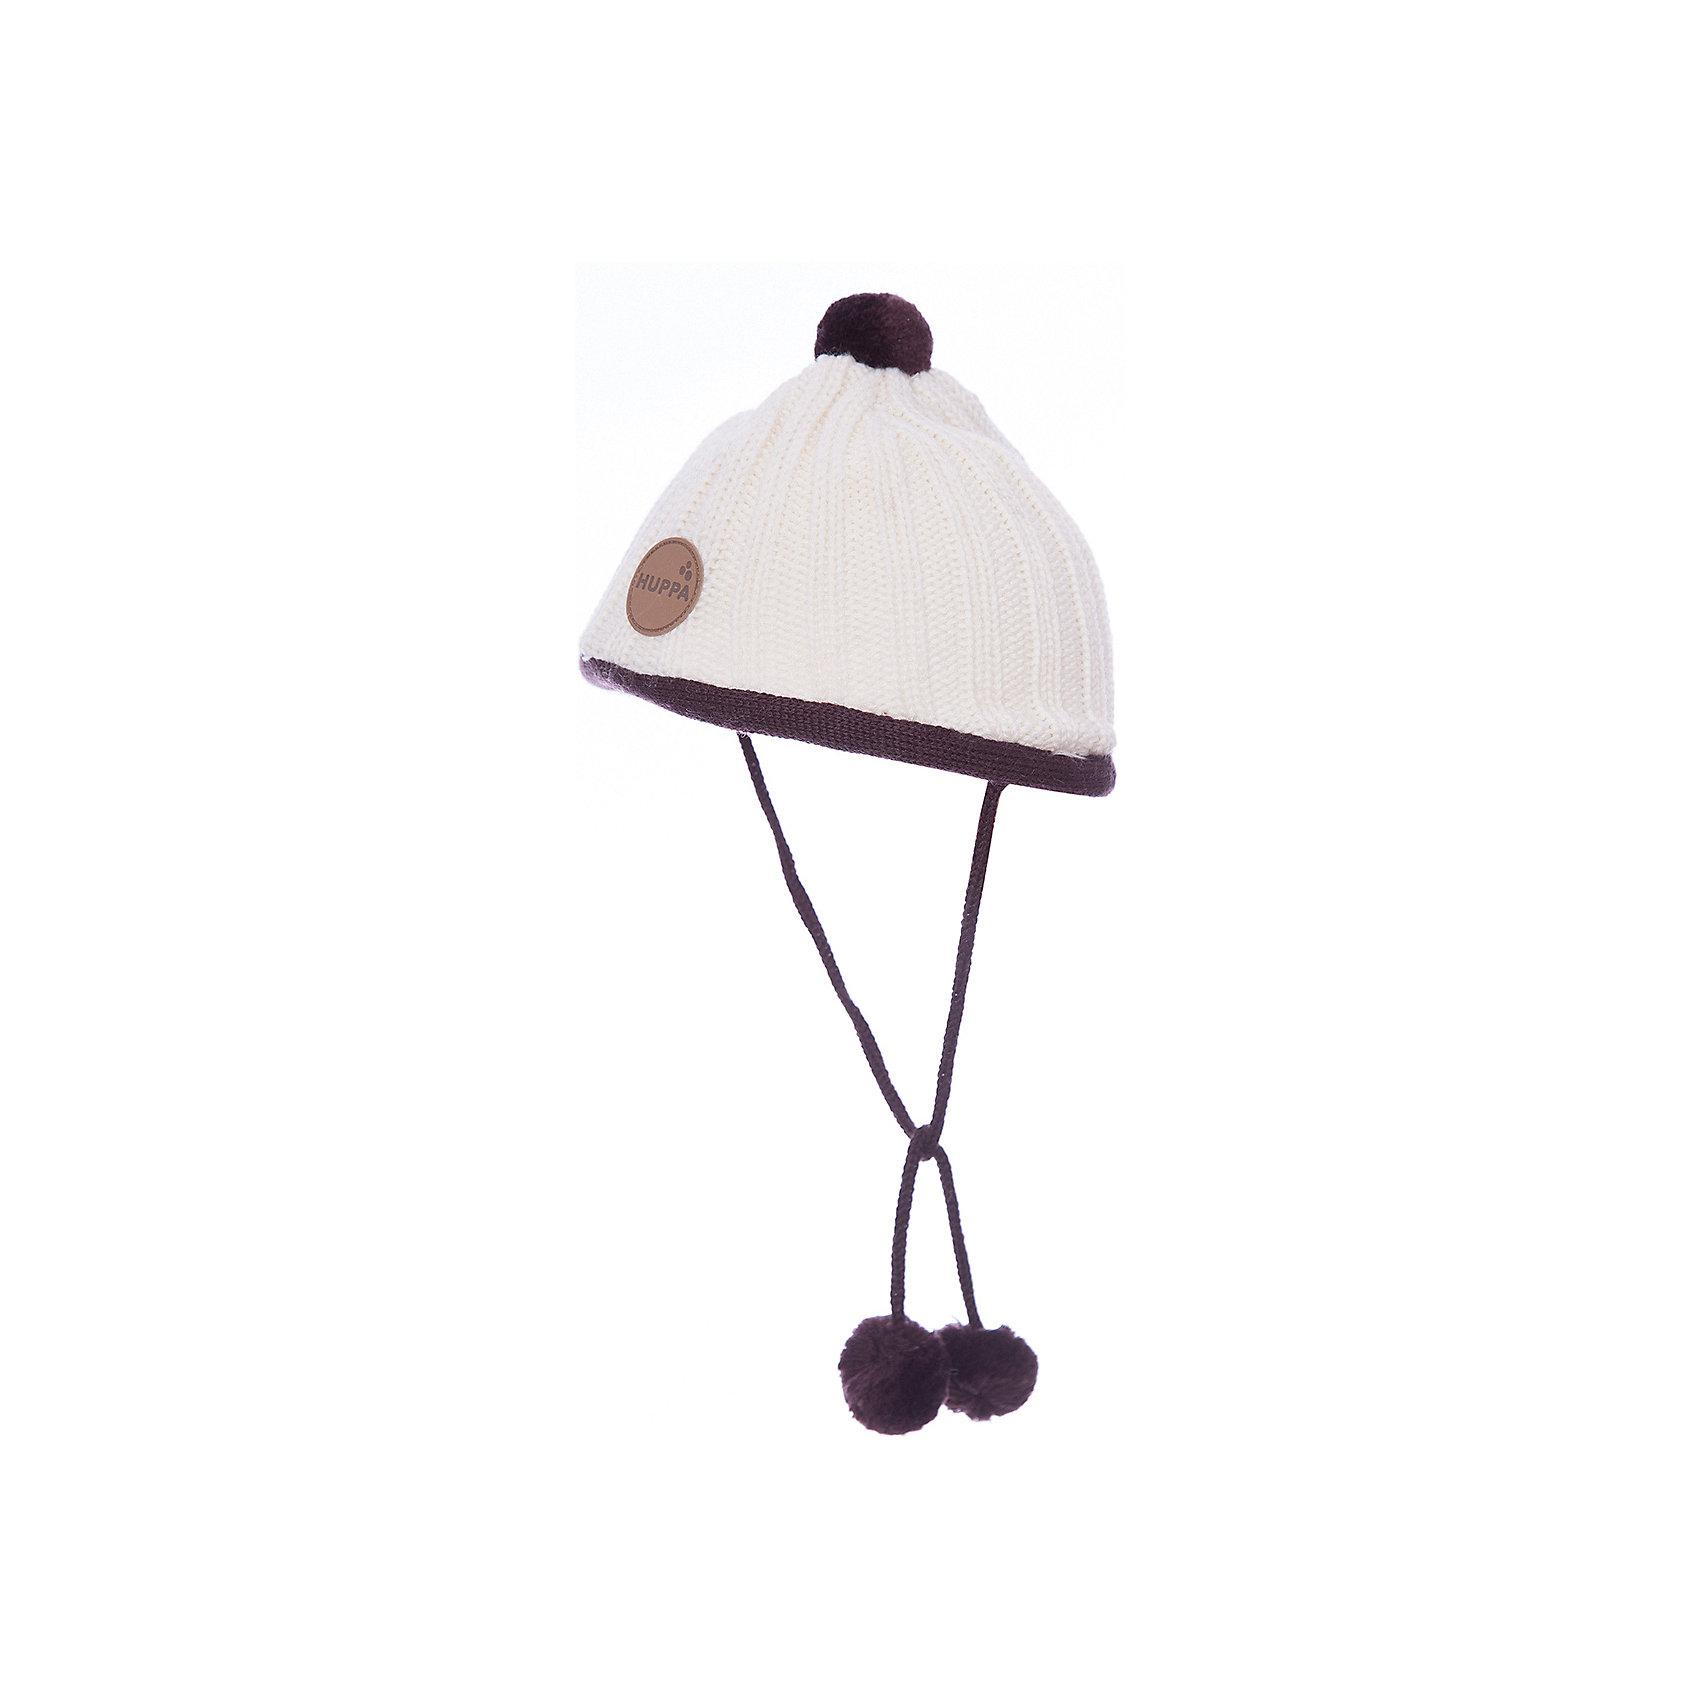 Шапка для девочки HuppaШапочки<br>Вязанная «резинкой» зимняя шапка для малышей. Для удобства ношения у шапки приятная подкладка из хлопкового трикотажа, наружная часть из смеси 50% мериносовой шерсти и 50% акриловой пряжи. Для защиты от холодных ветров у шапки имеются ленты с помпонами, при помощи которых шапку можно завязать и защитить уши от холода. <br><br>Шапку для девочки Huppa (Хуппа) можно купить в нашем магазине.<br><br>Ширина мм: 89<br>Глубина мм: 117<br>Высота мм: 44<br>Вес г: 155<br>Цвет: белый<br>Возраст от месяцев: 9<br>Возраст до месяцев: 12<br>Пол: Женский<br>Возраст: Детский<br>Размер: 43-45,39-43,47-49,51-53<br>SKU: 4242867